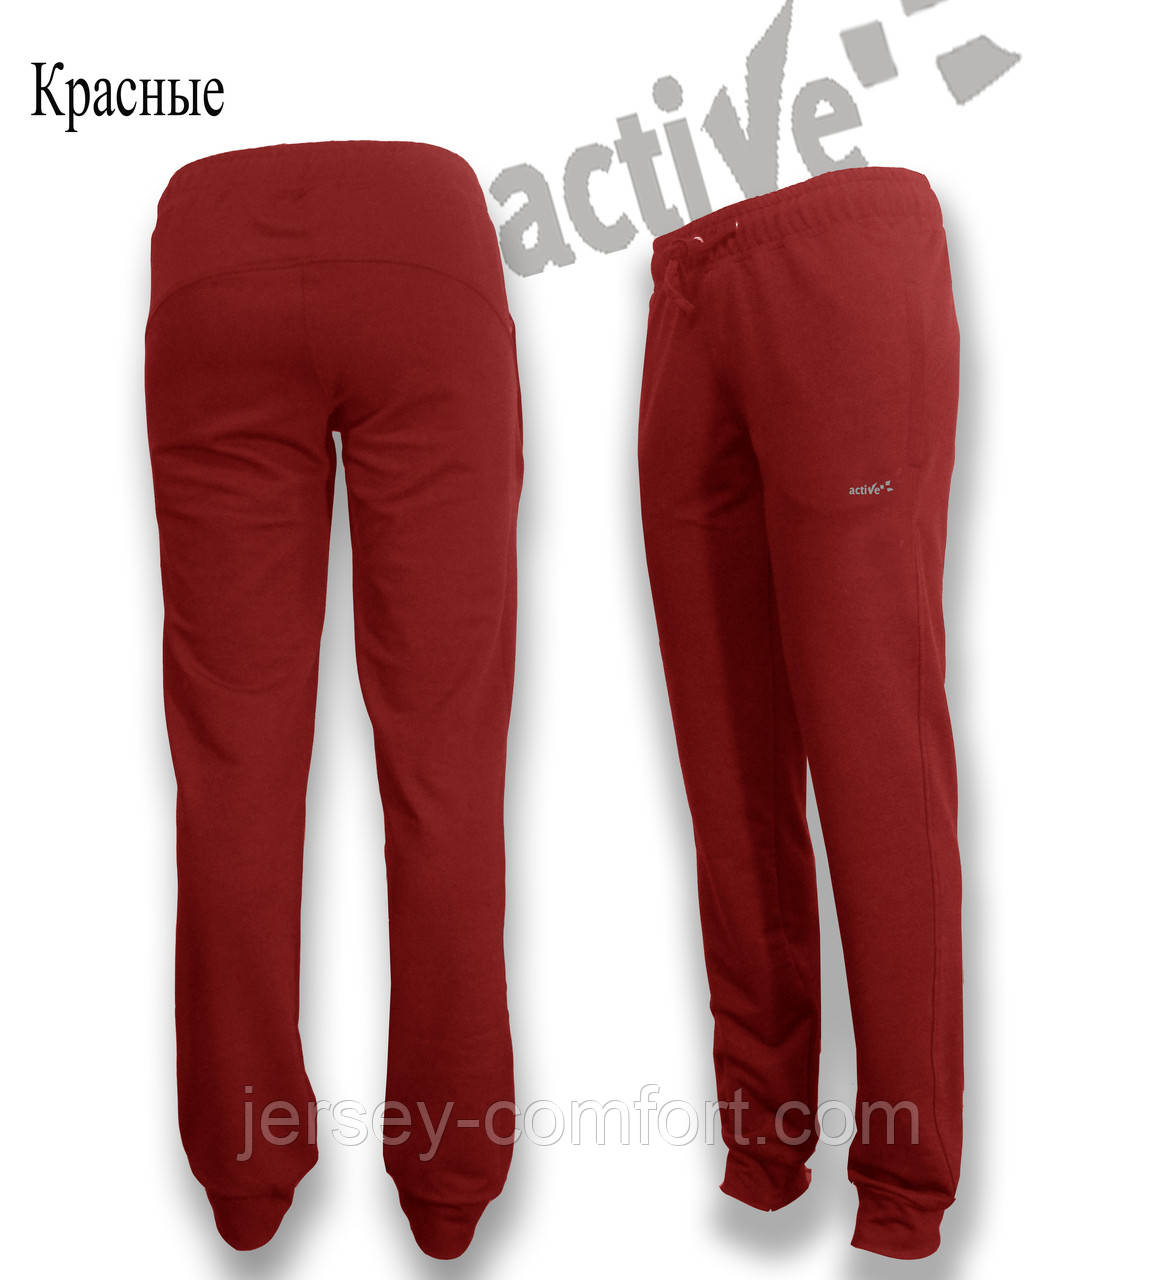 Брюки  женские трикотажные красные. Мод. 0-85.